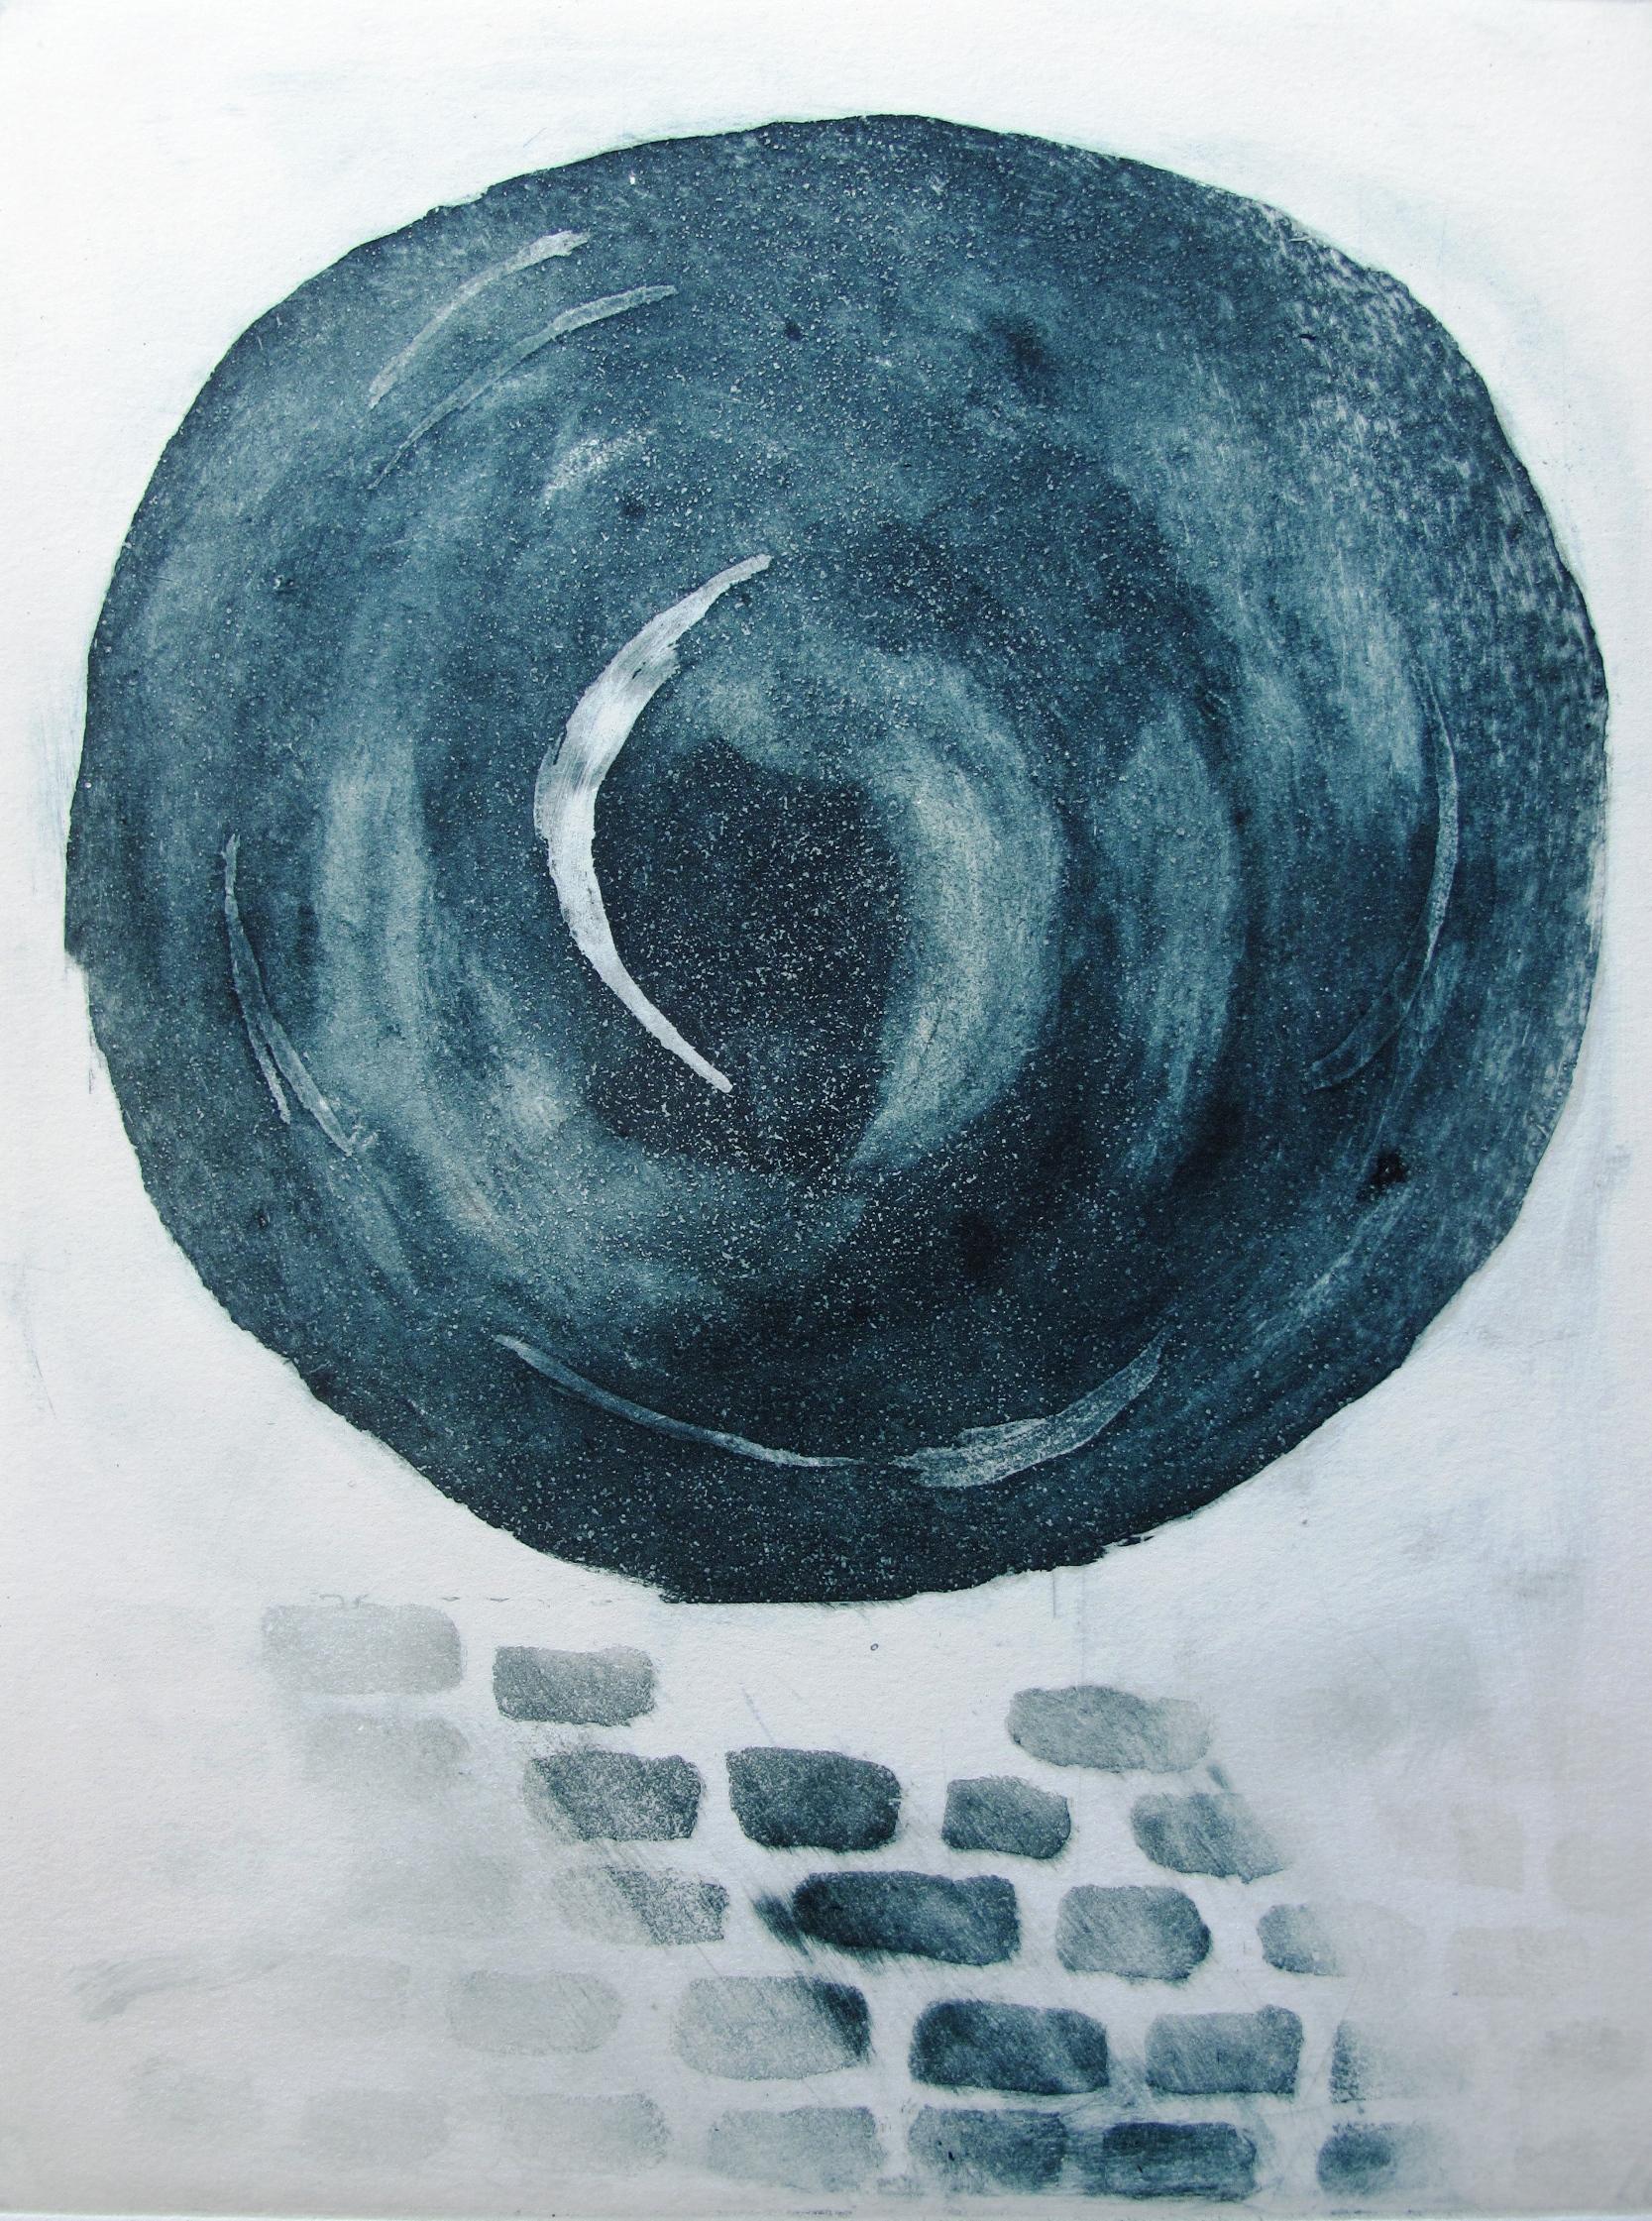 Gina McDonald - 'the circle is divine' Anne von Bertouch.JPG